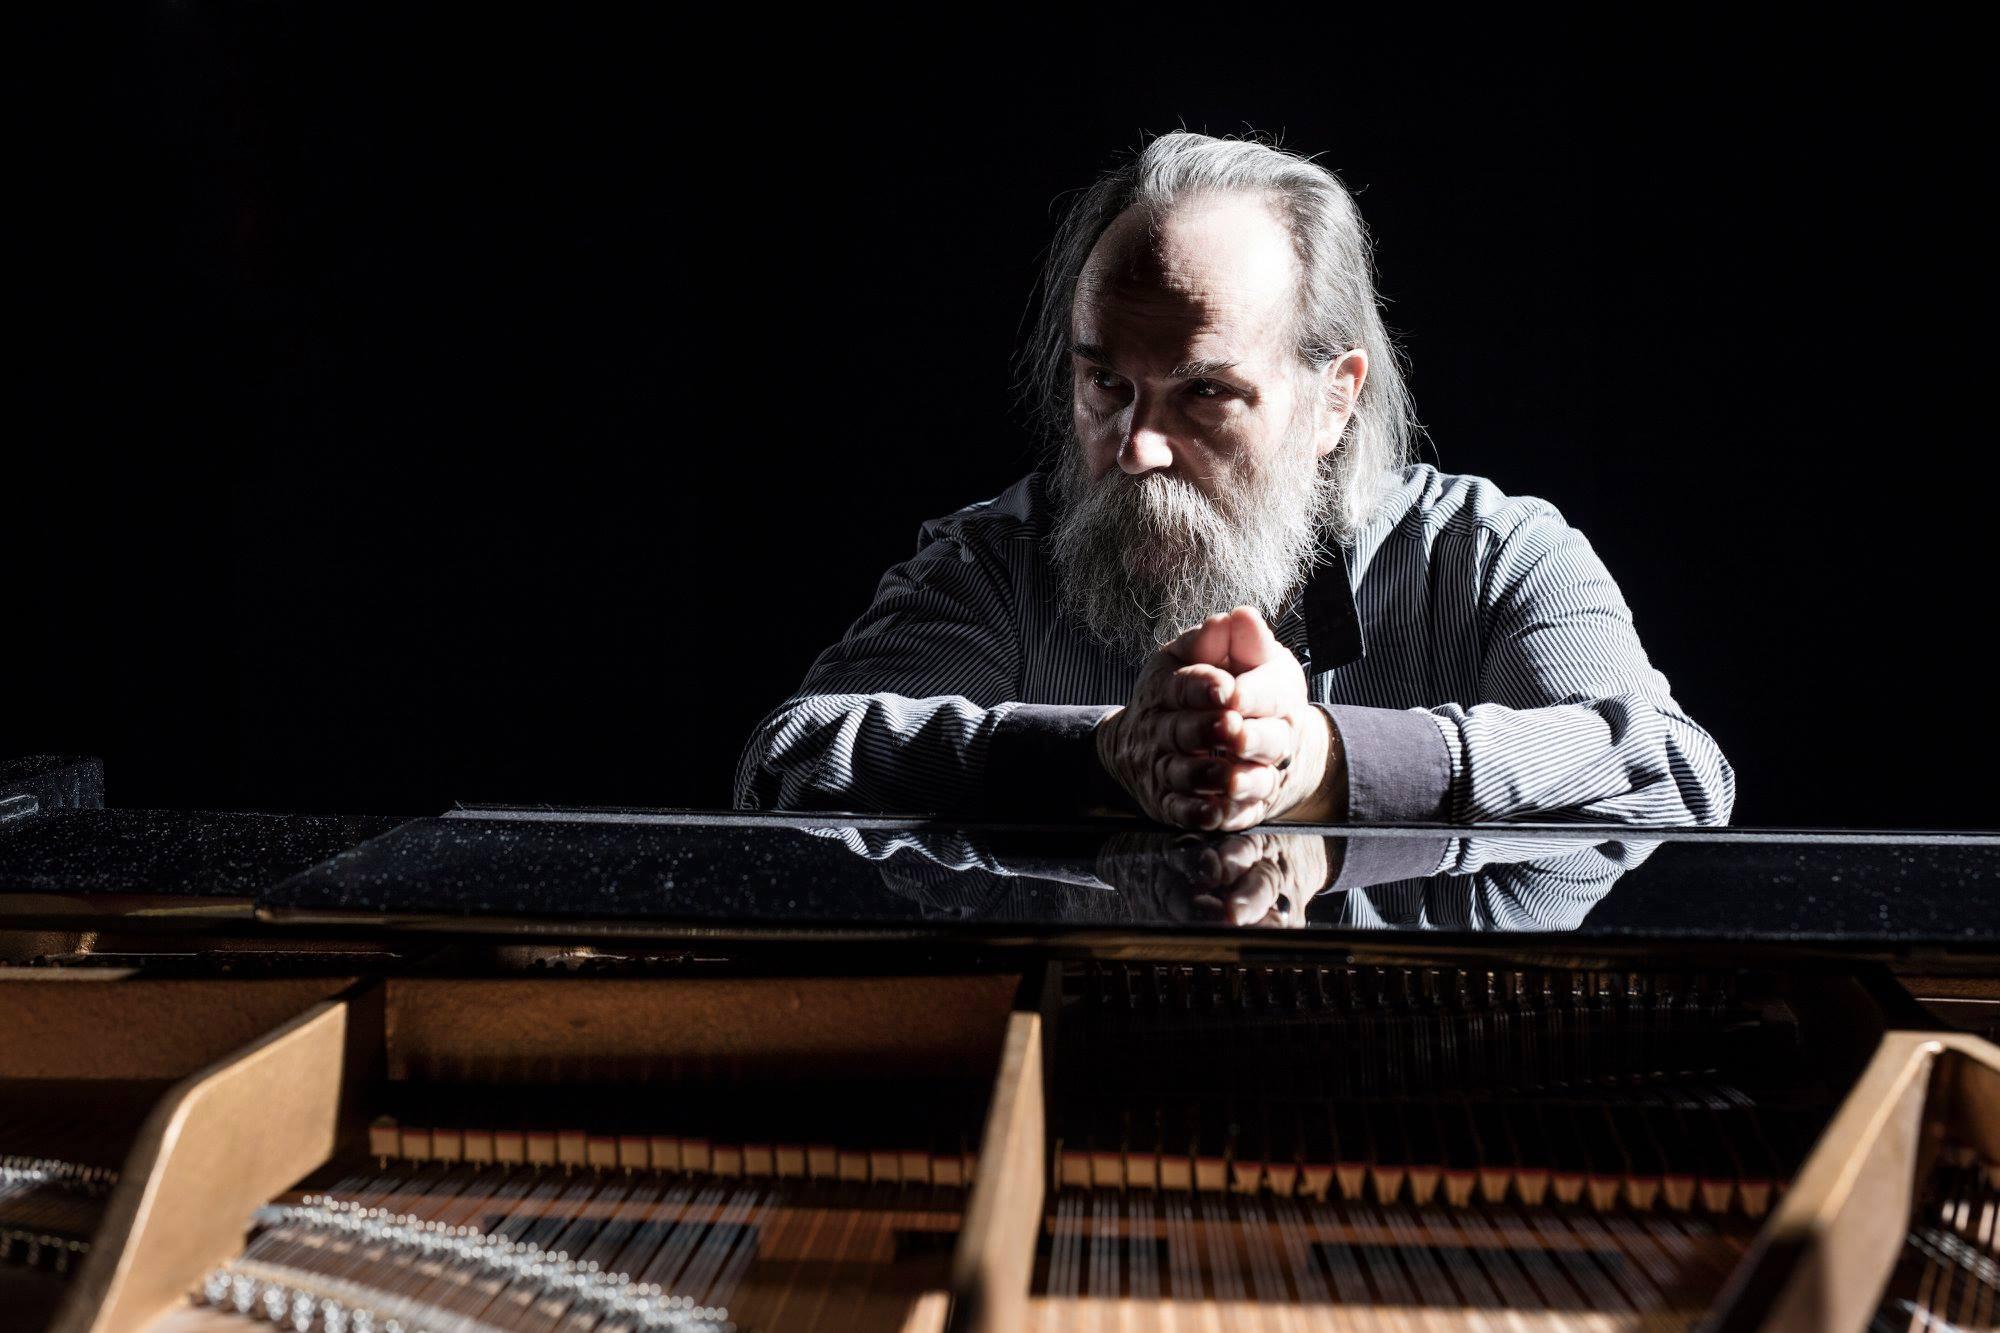 Самый быстрый пианист планеты Любомир Мельник снова посетит Днепр в рамках мирового тура